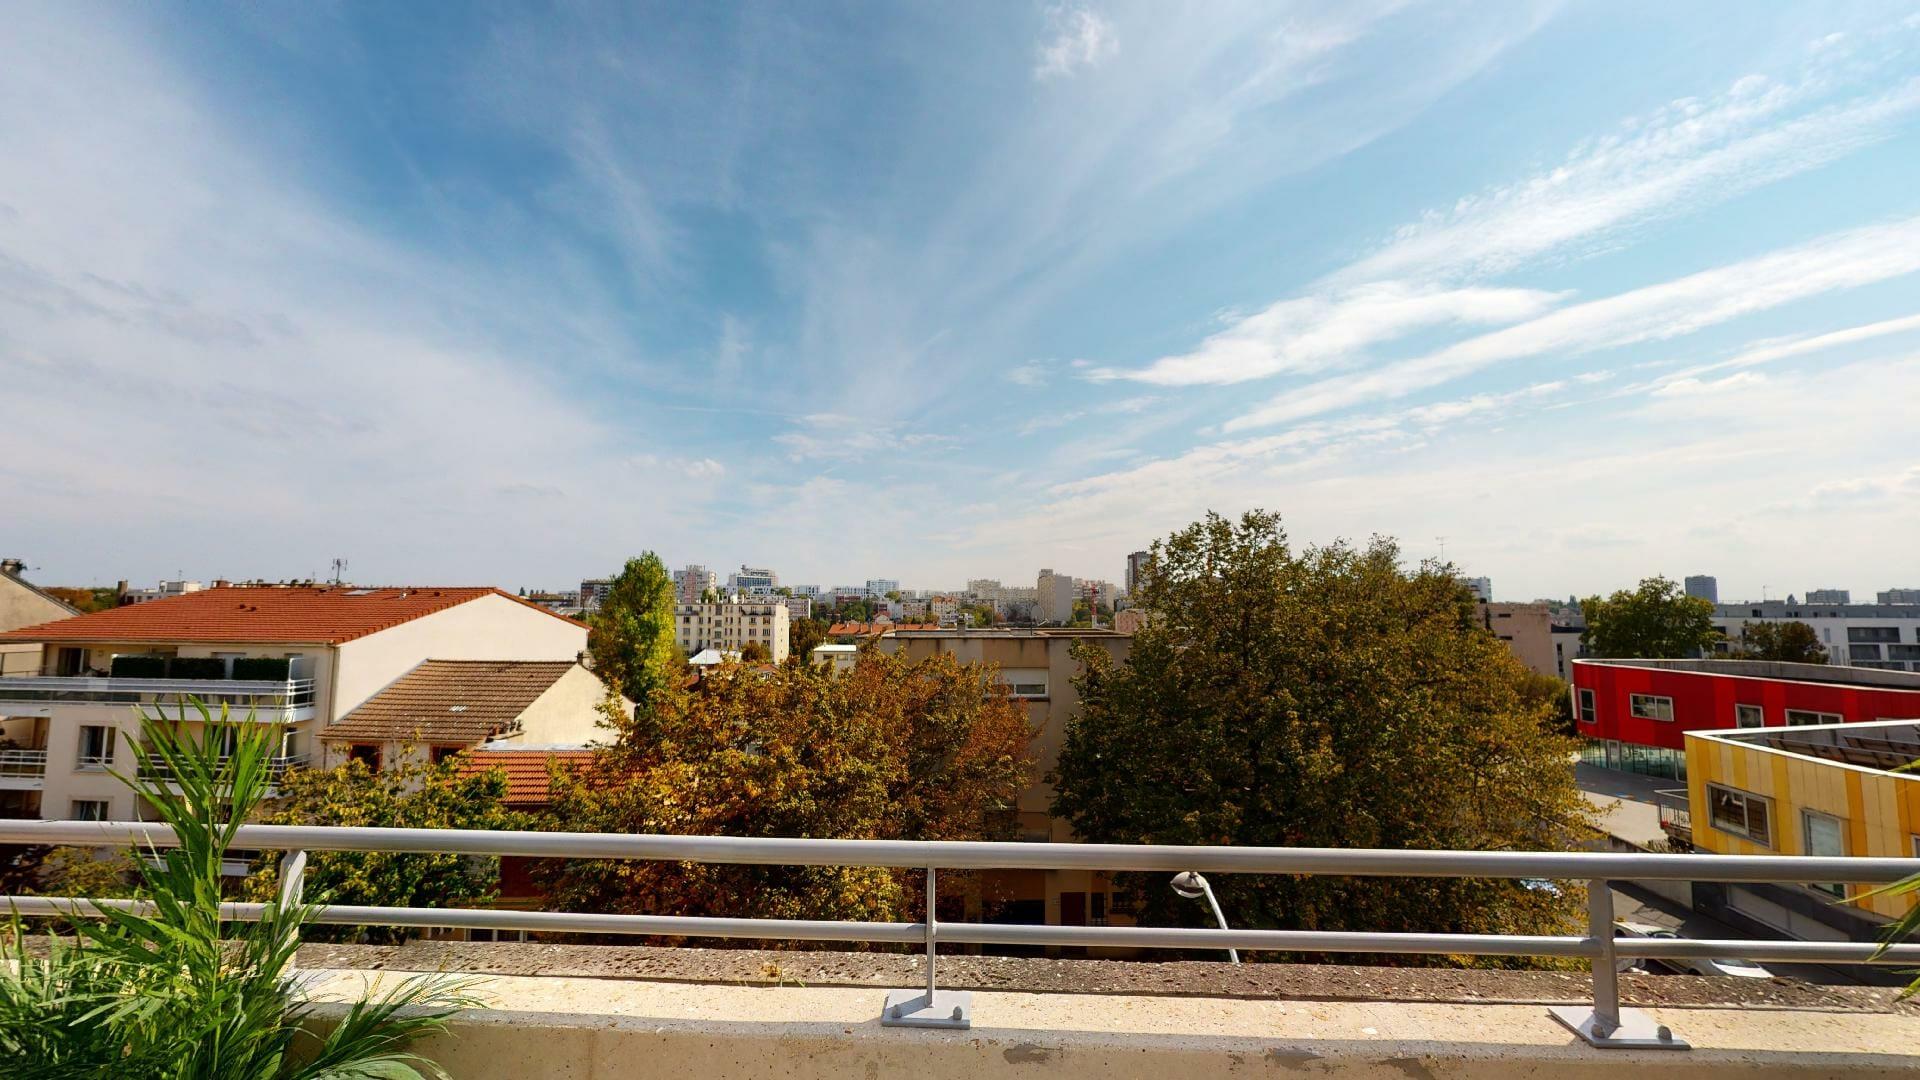 Balade-Est-Ouest-en-RoofTop